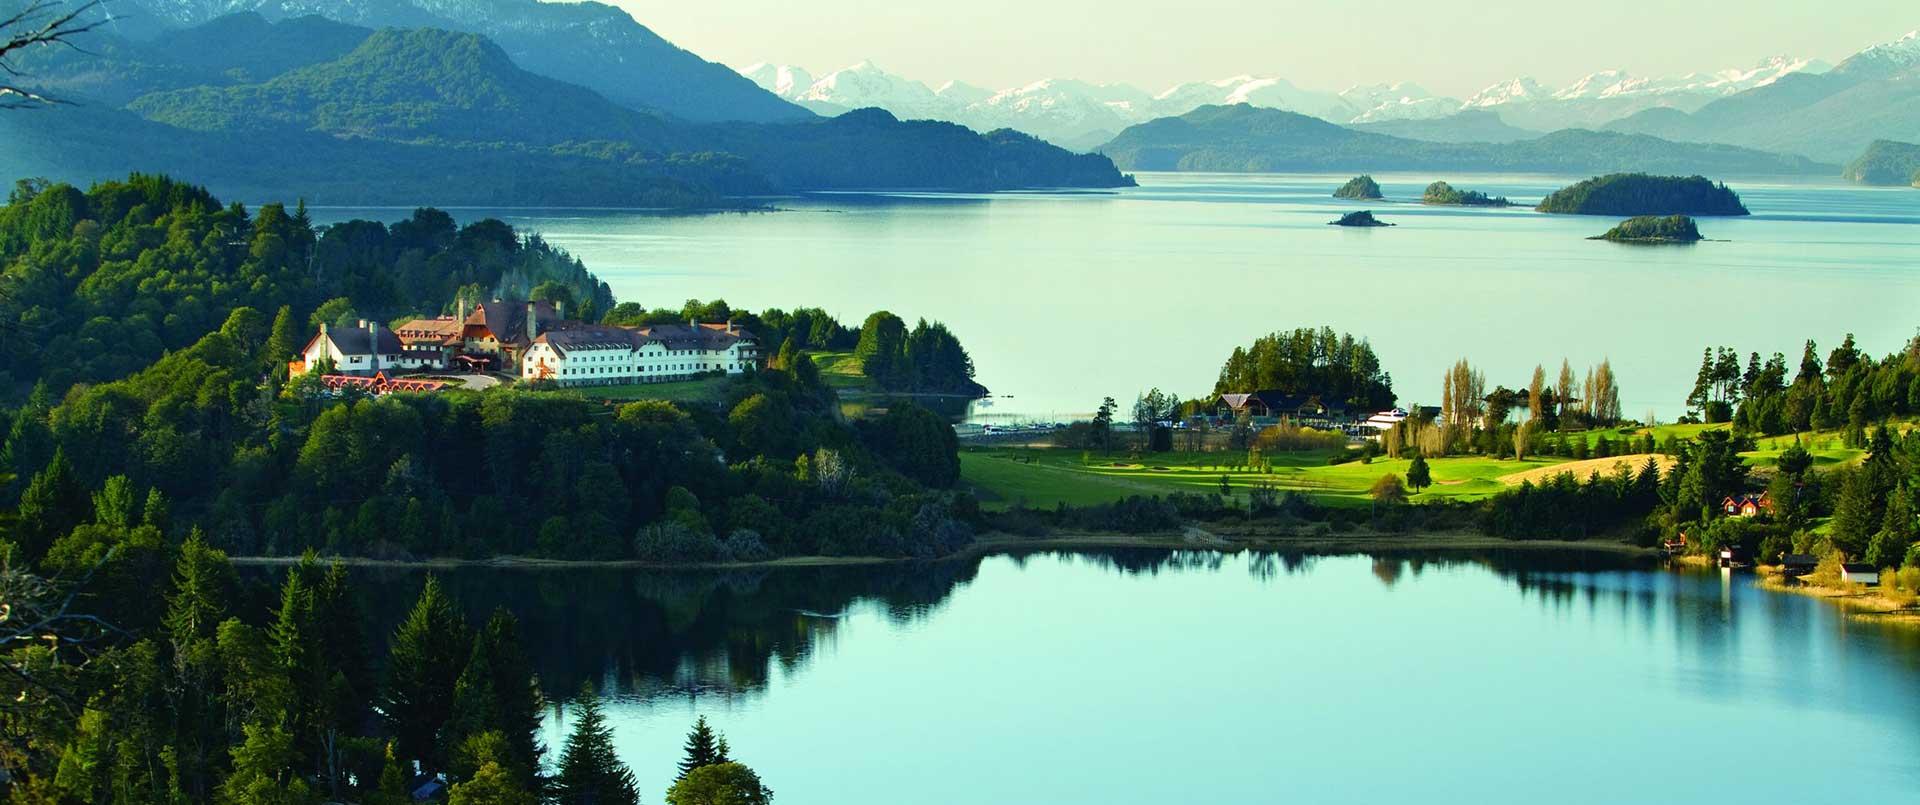 Llao Llao, Bariloche, Lake District